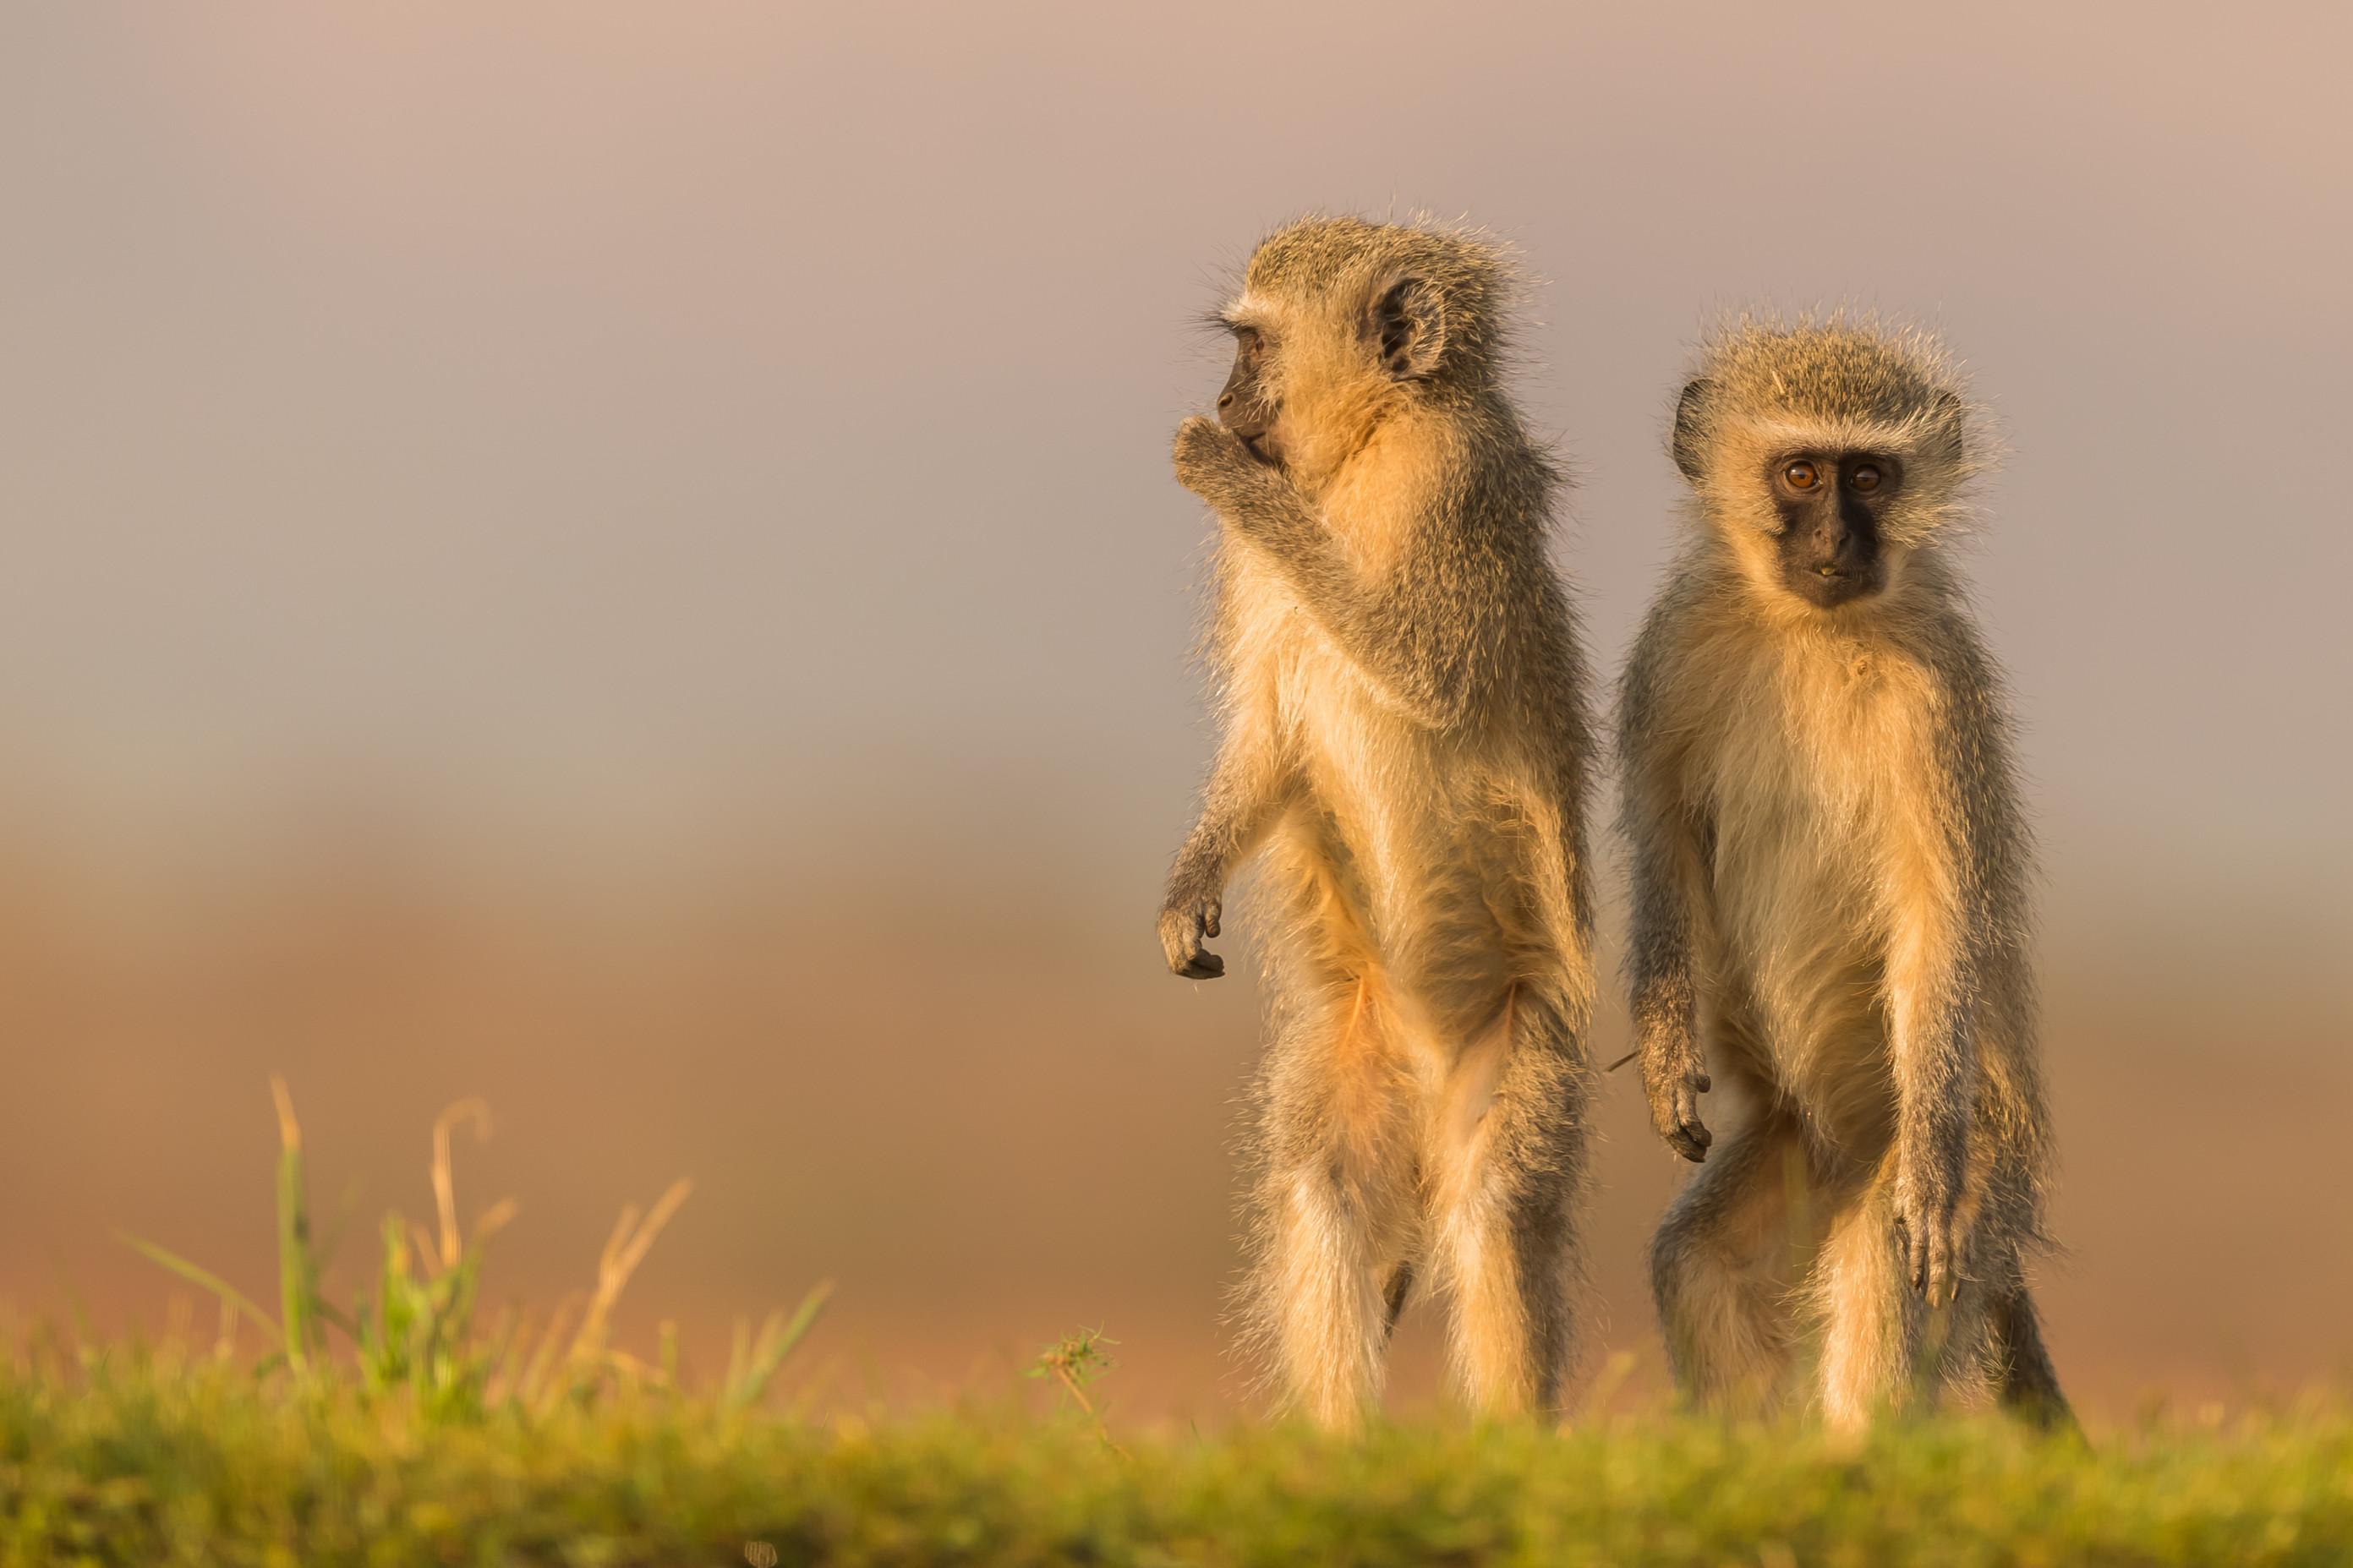 wildlife zimanga 1685